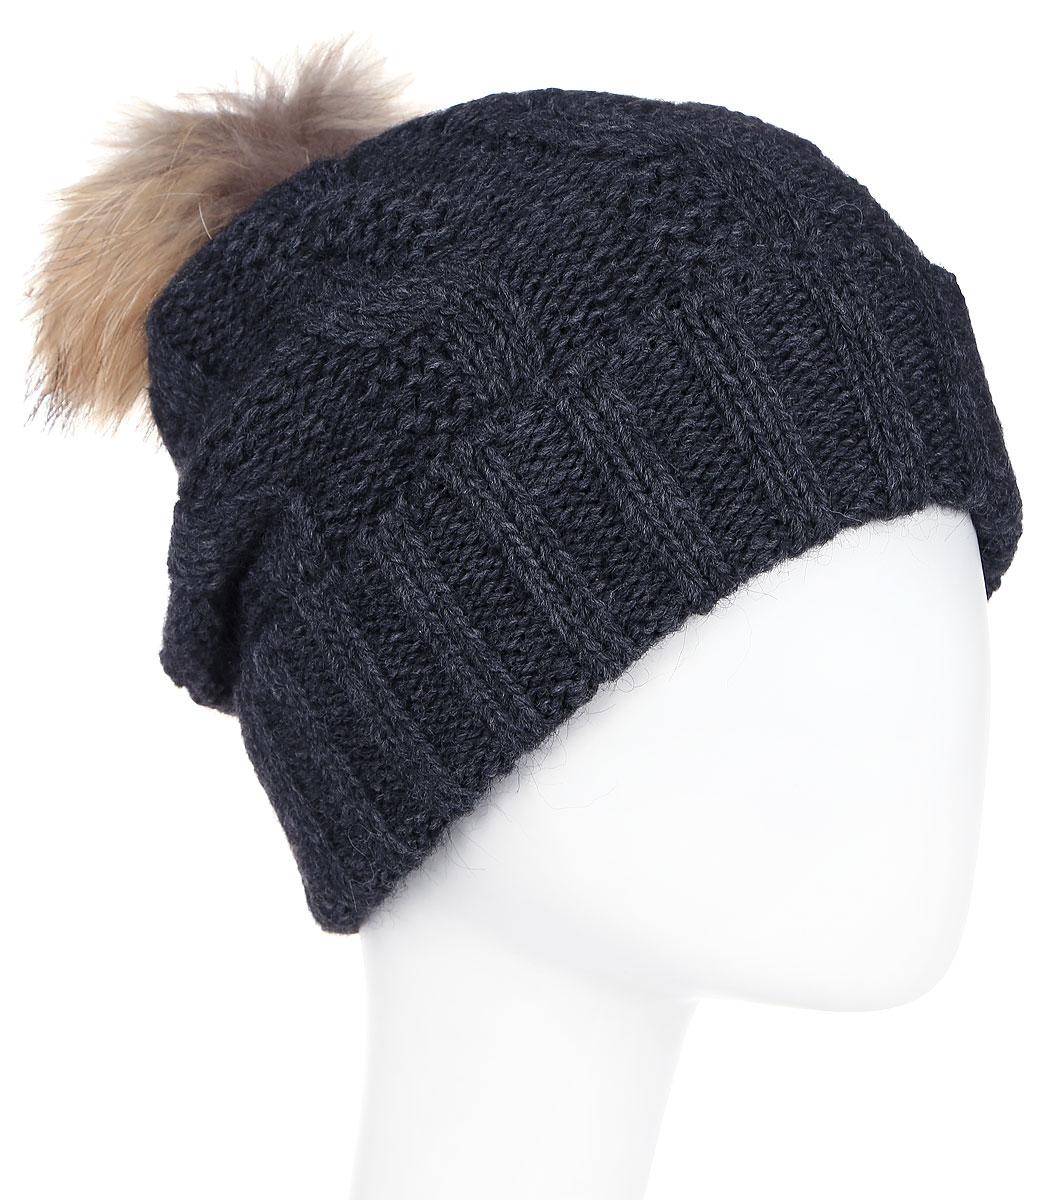 Шапка женская Paccia, цвет: антрацит. NR-21711-2. Размер 55/58NR-21711-2Стильная женская шапка-бини Paccia выполнена из акрила с добавлением шерсти. Модель дополнена меховым помпоном. Эта шапка не только согреет в холодную погоду, но и стильно дополнит ваш образ.